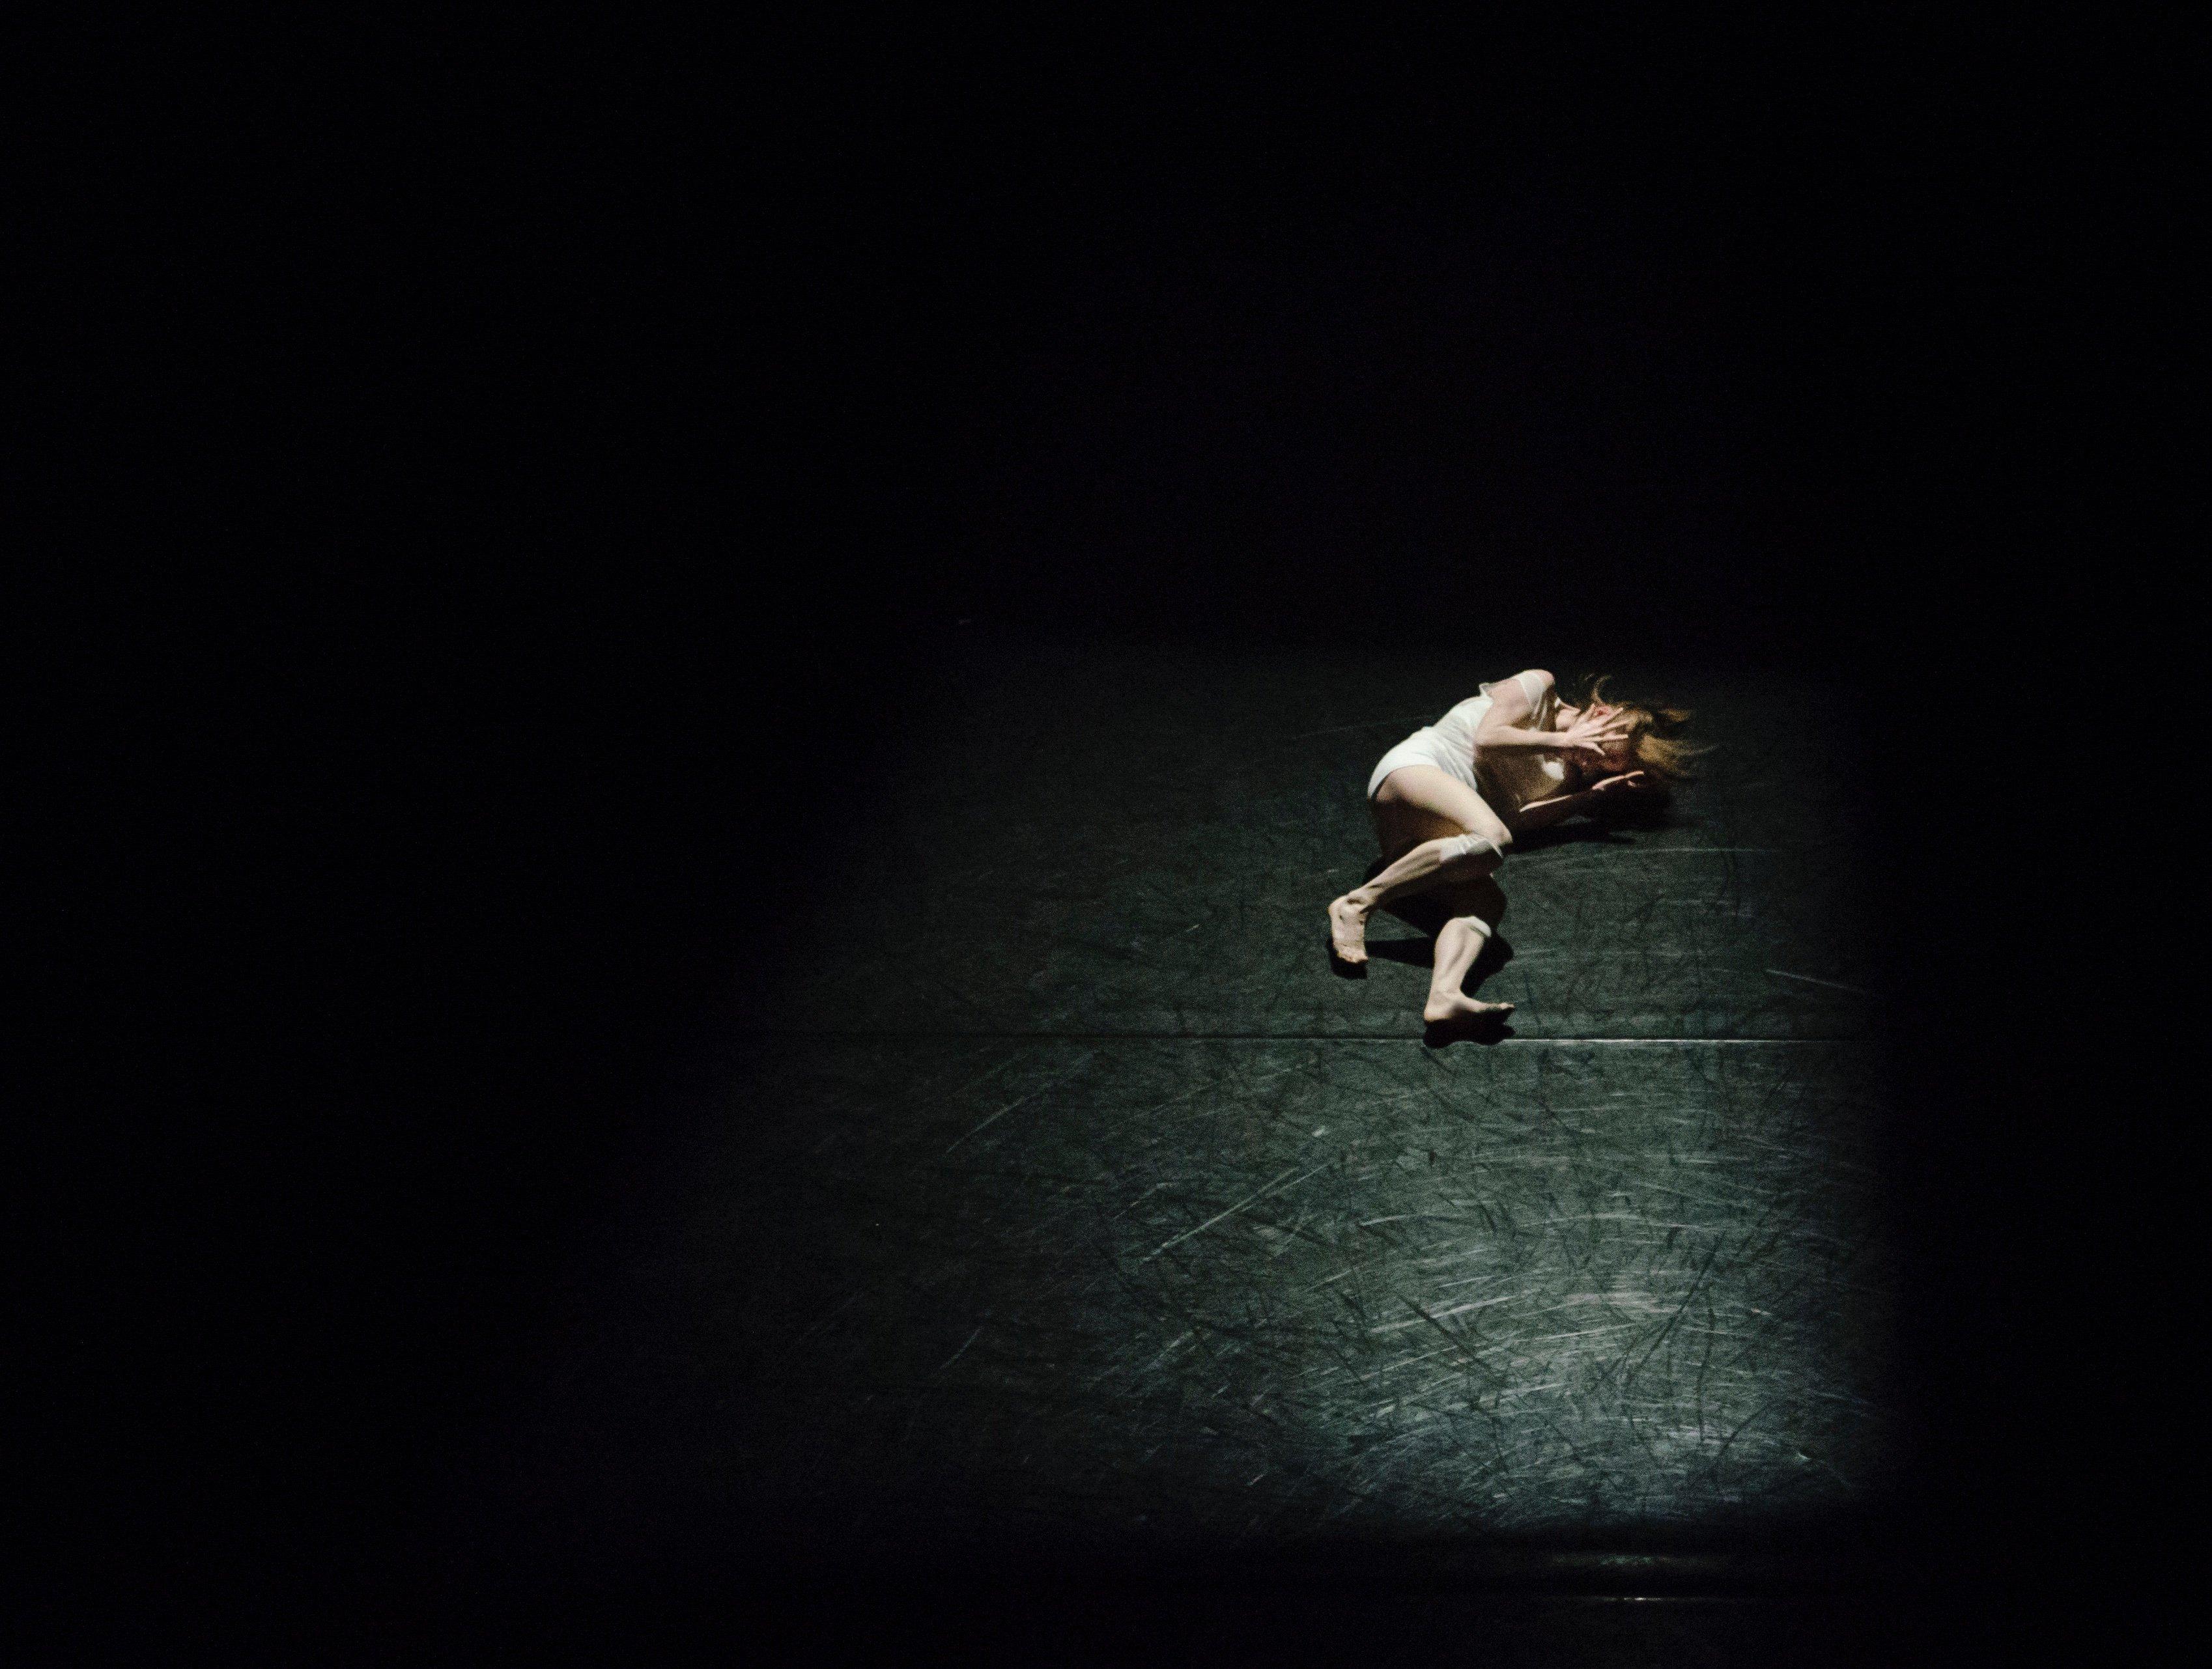 L'ansia: l'emozione che impedisce di vivere pienamente